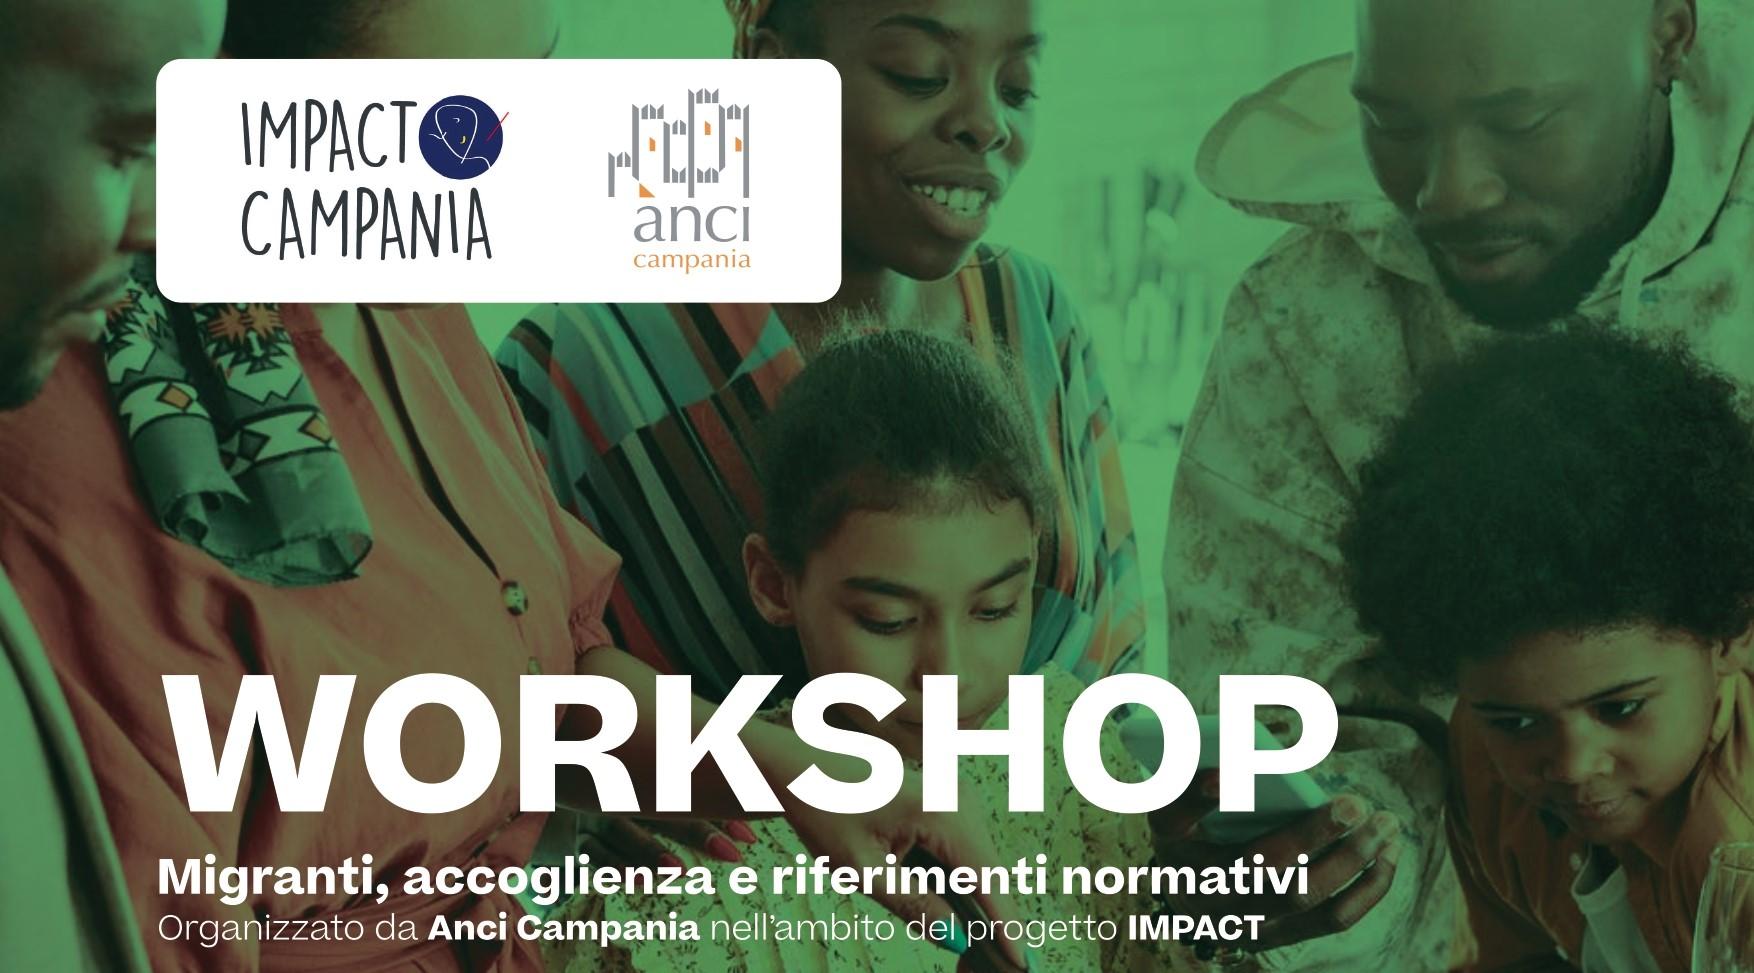 Migranti, accoglienza e riferimenti normativi: il workshop gratuito di Anci Campania